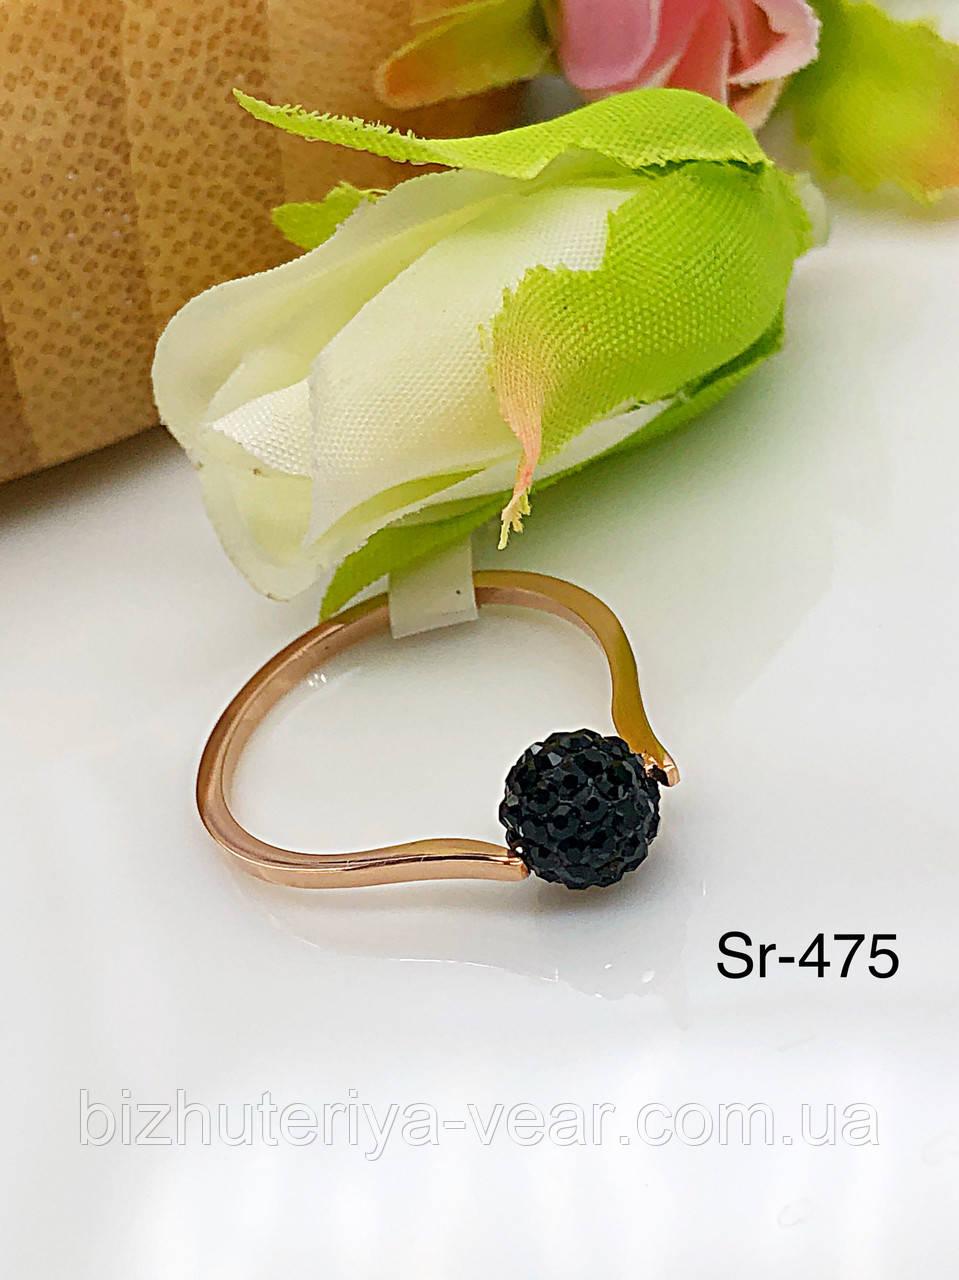 Кольцо Sr-475(6,7,8,9)